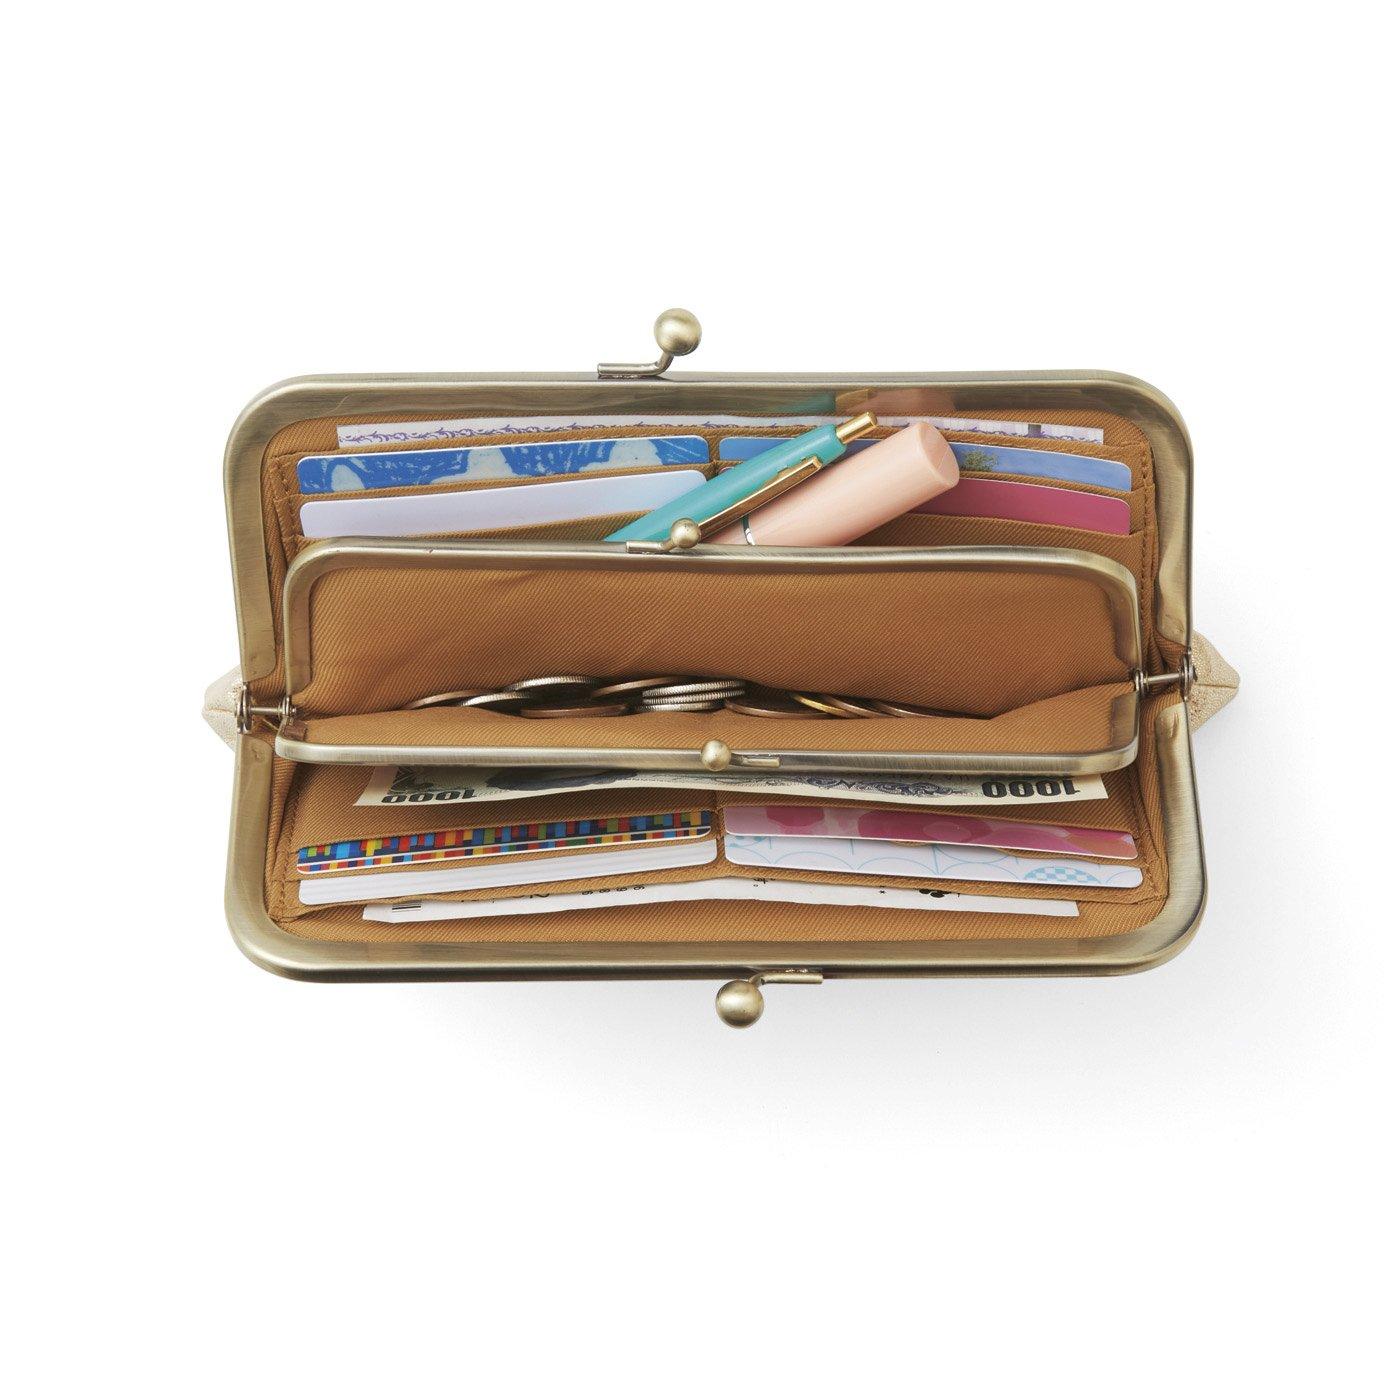 UP.de きらめく本革でハッピーを呼ぶ サッと見渡せるダブルがま口長財布